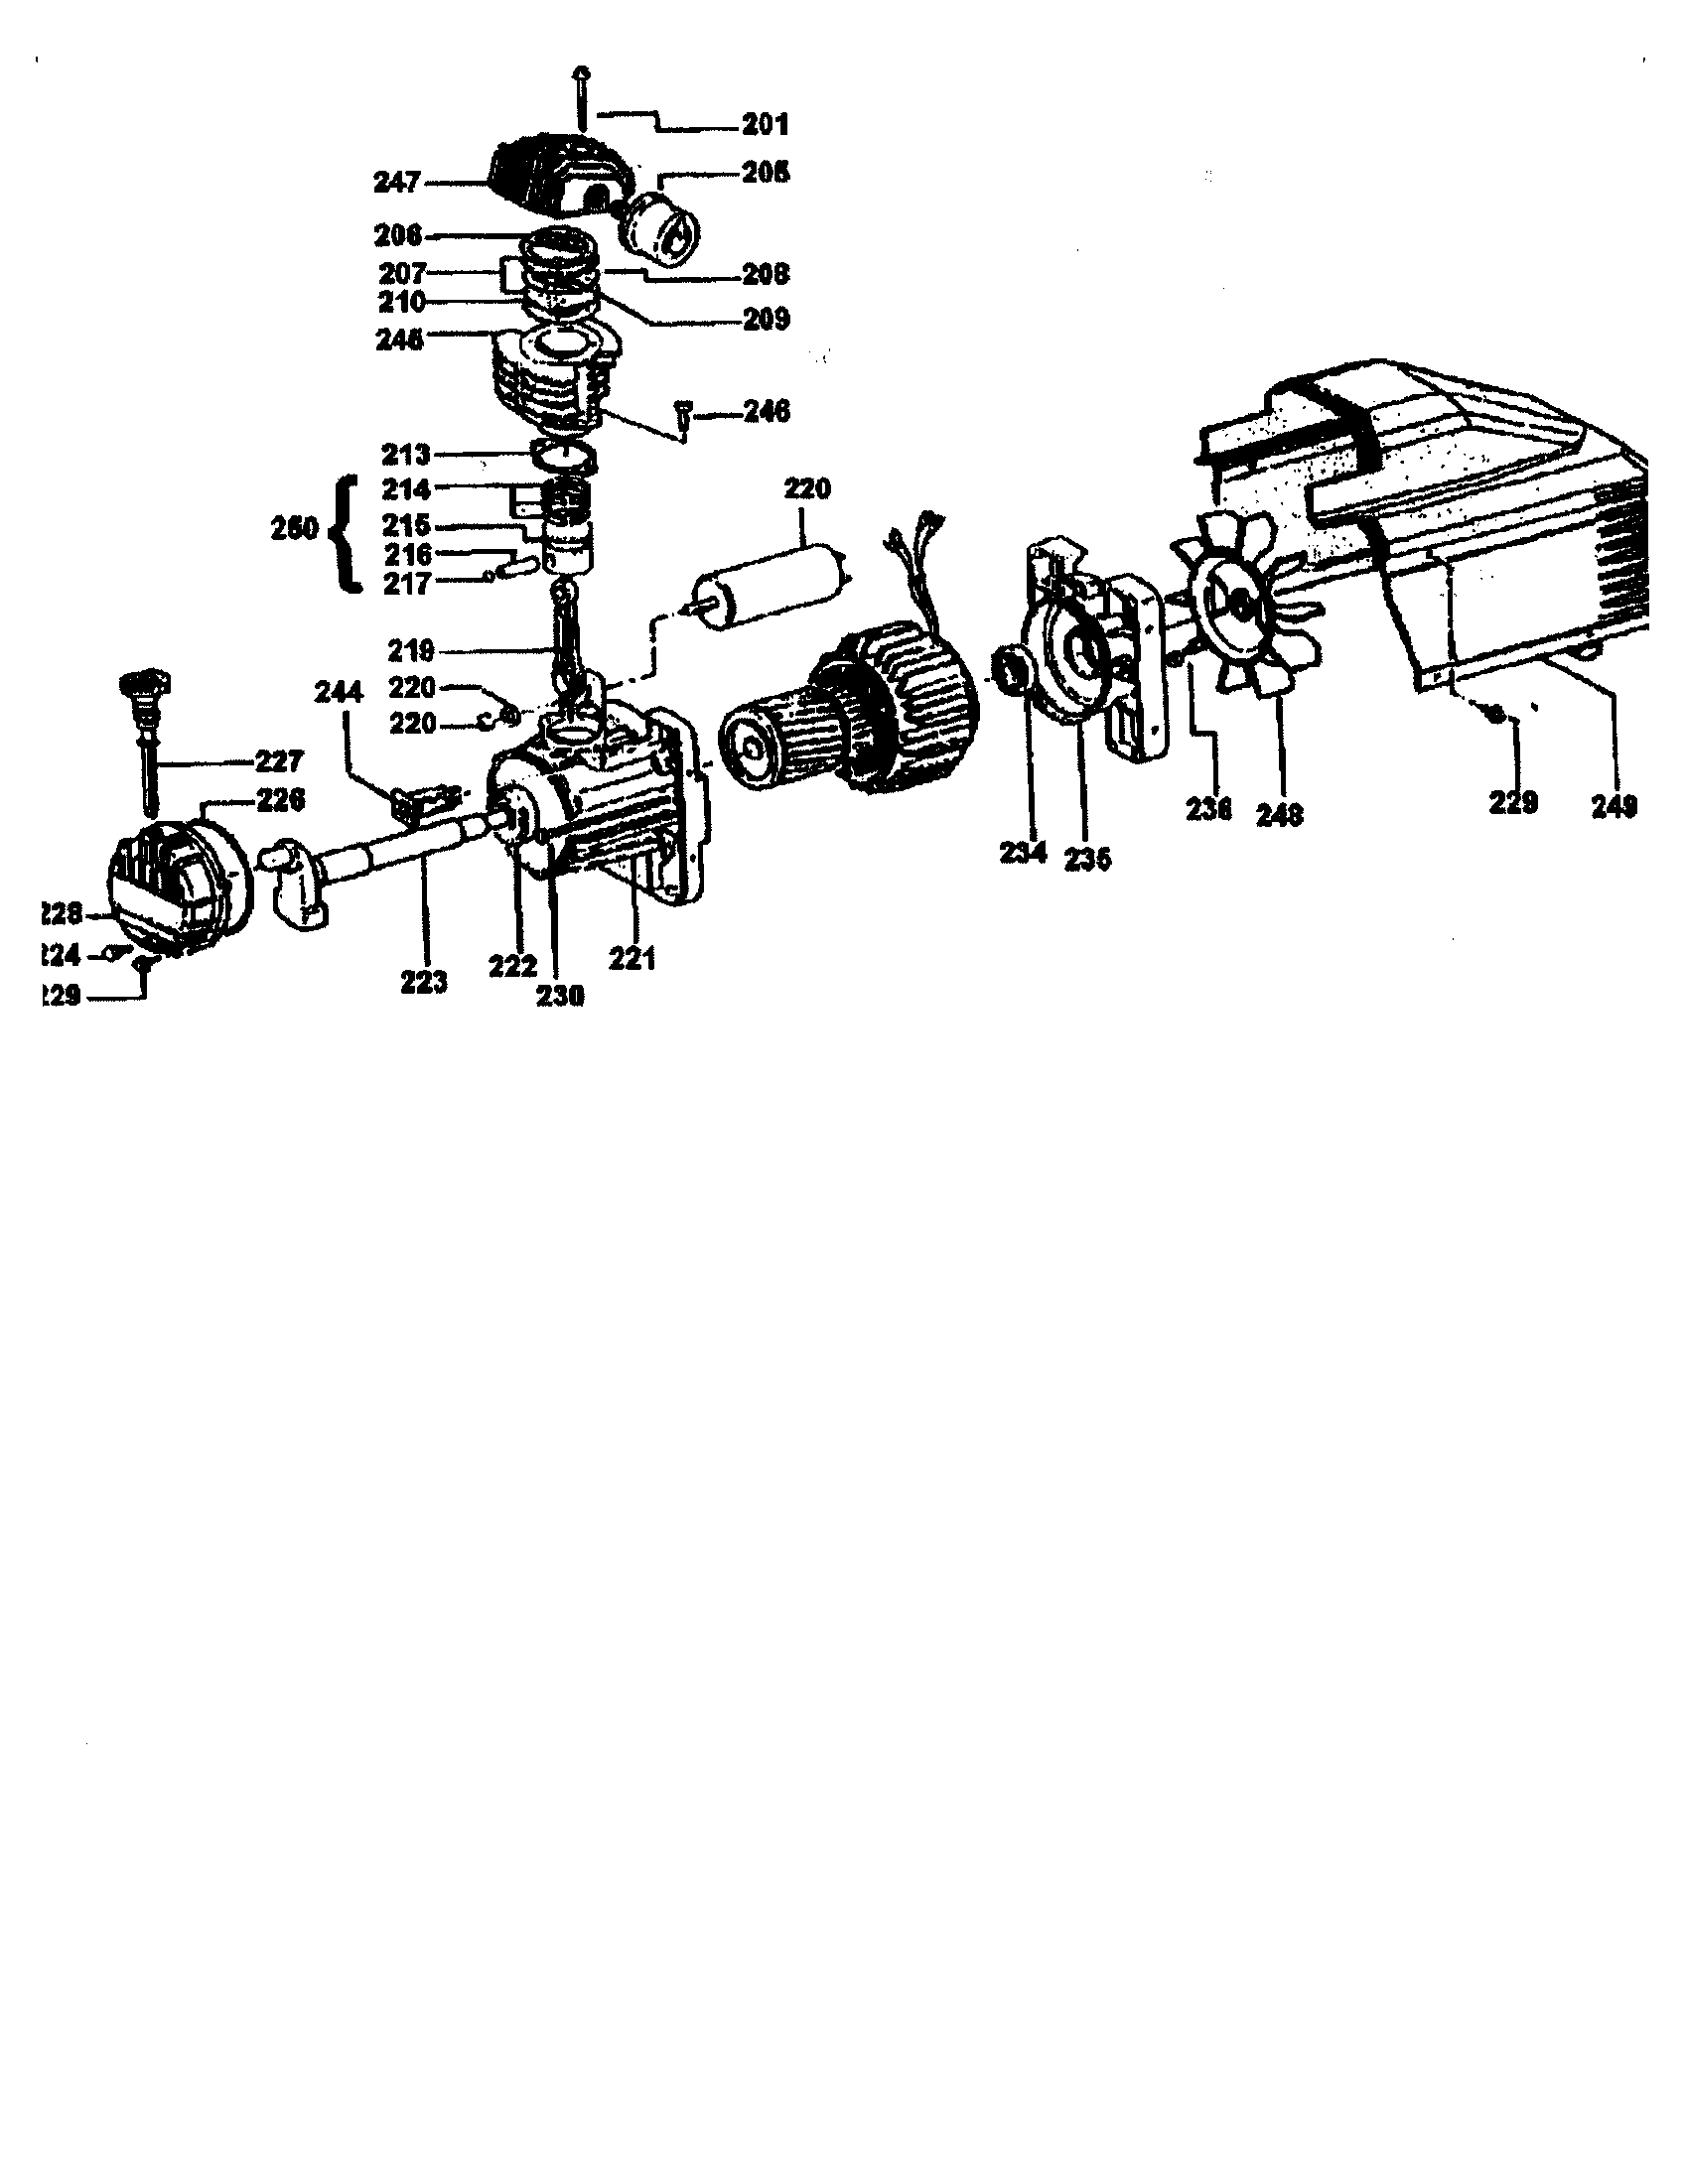 Dewalt model D55153 air compressor genuine parts